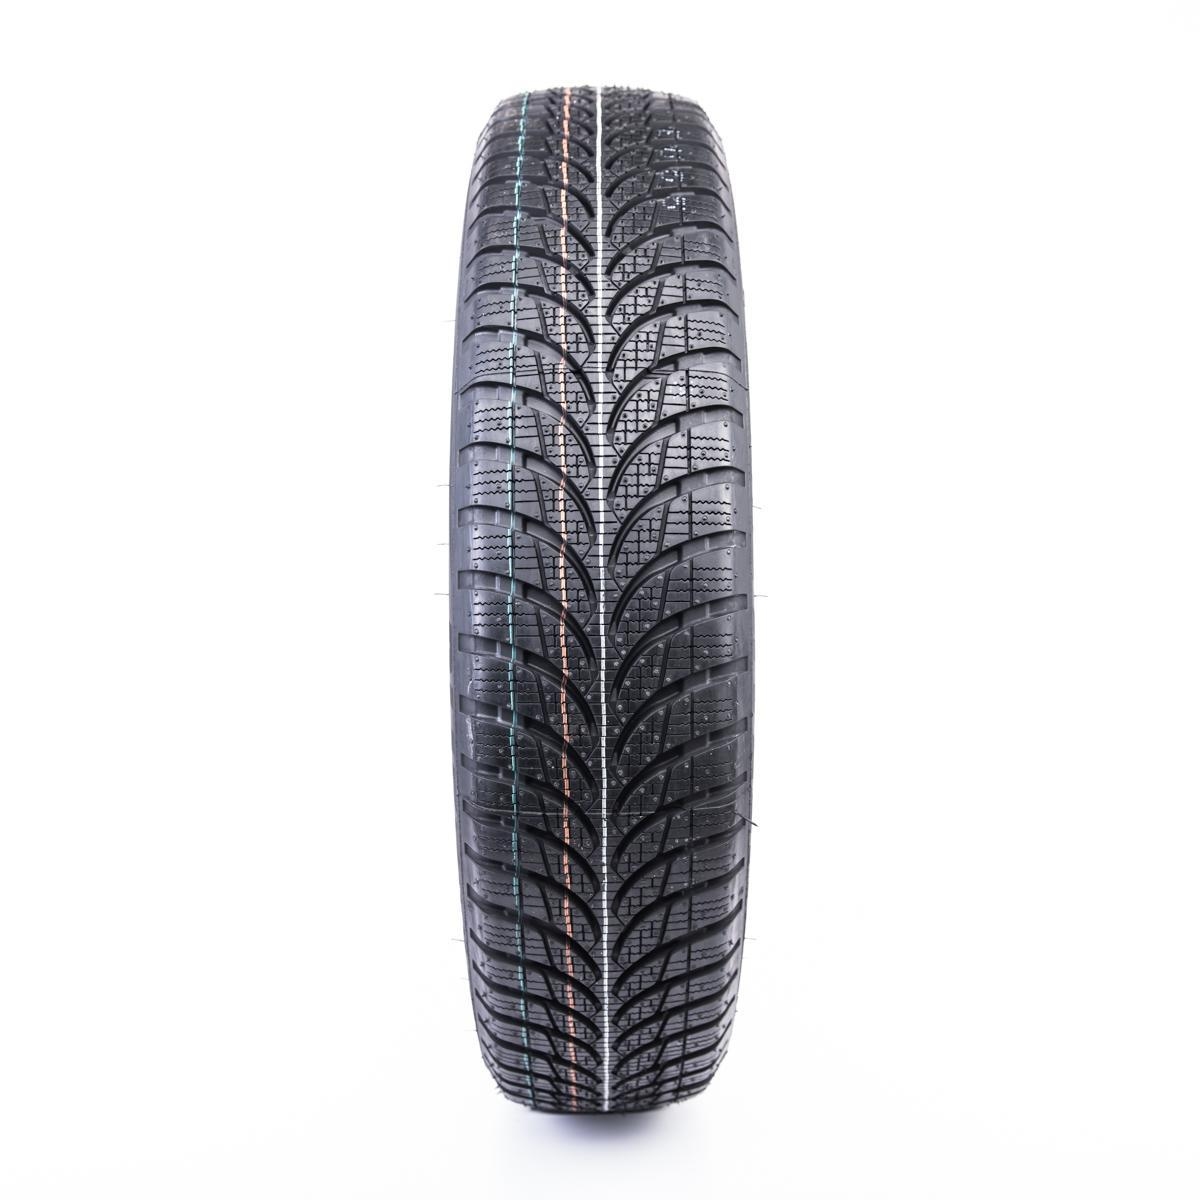 Bridgestone Blizzak LM-500 - zdjęcie dodatkowe nr 2